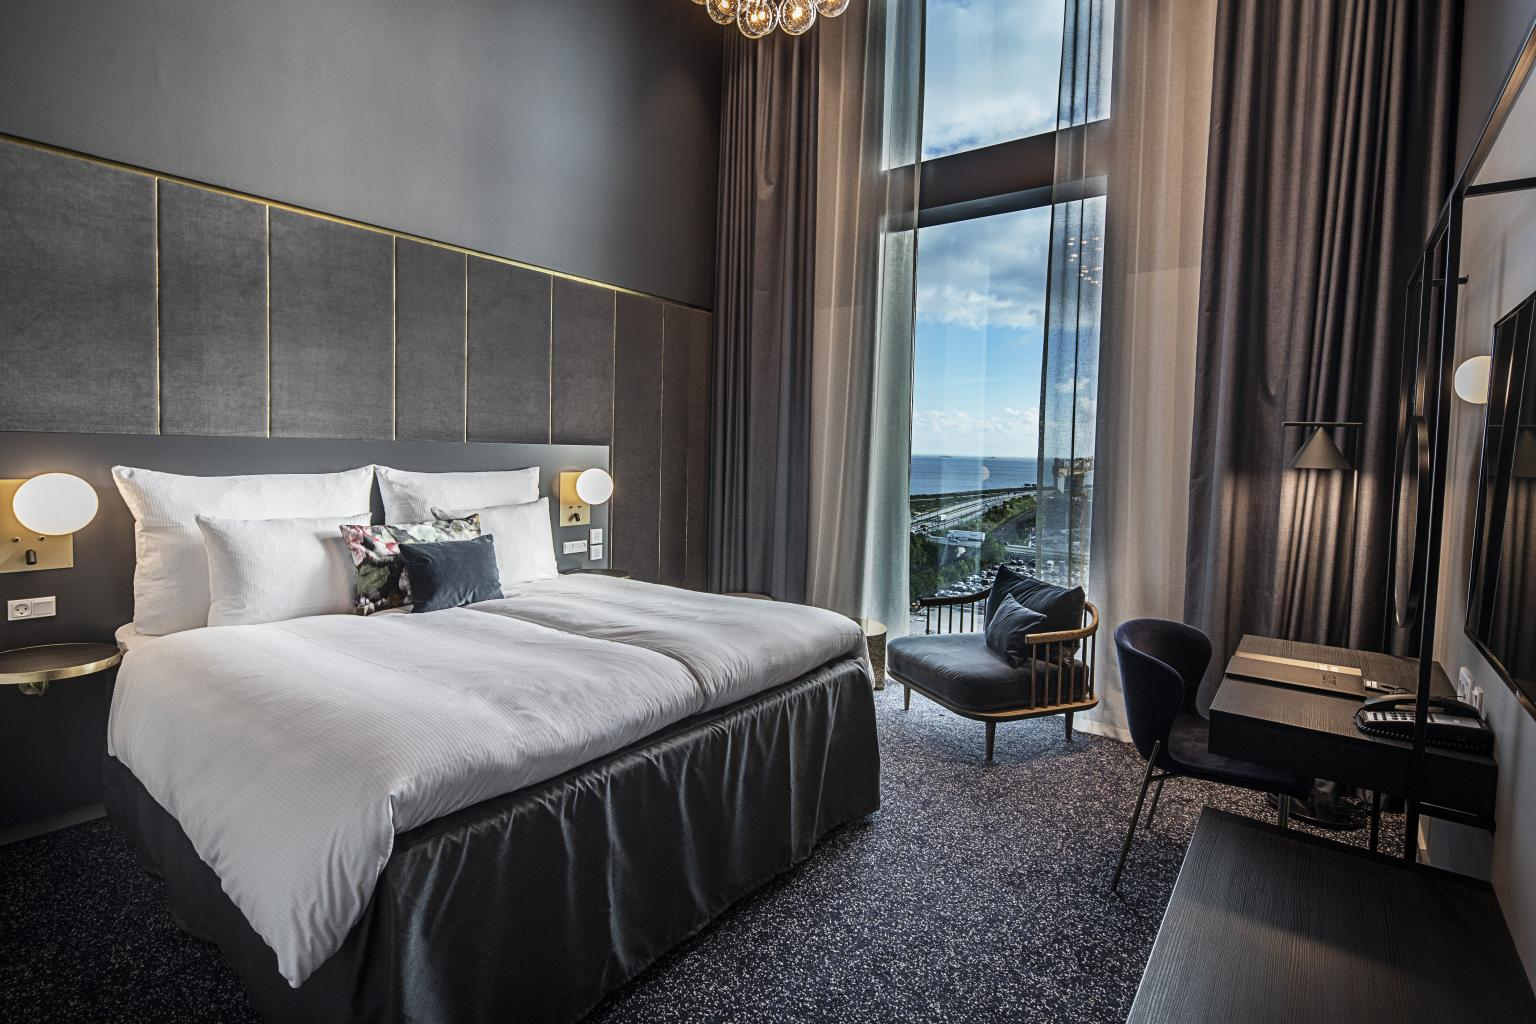 Et hotelværelse hos Clarion i Københavns Lufthavn, der kan lejes som hjemmearbejdsplads. Der er også en klippekortordning. PR-foto: Clarion Hotel Copenhagen Airport.